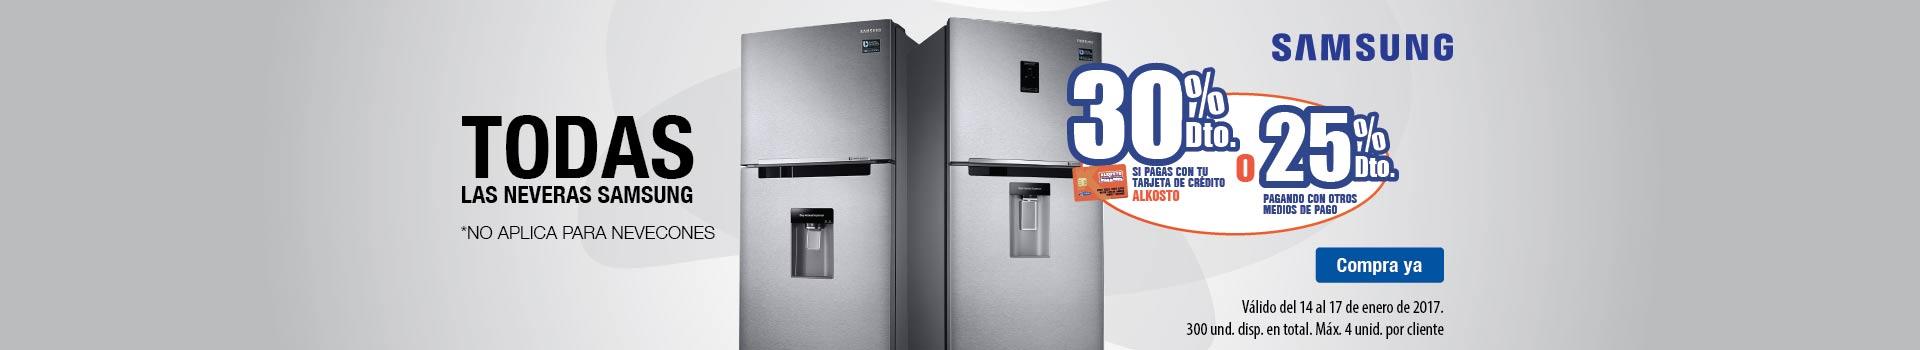 CAT refrigeracion - enero 14 - 30%Dto con TCA en TODAS las neveras SAMSUNG no aplica nevecones